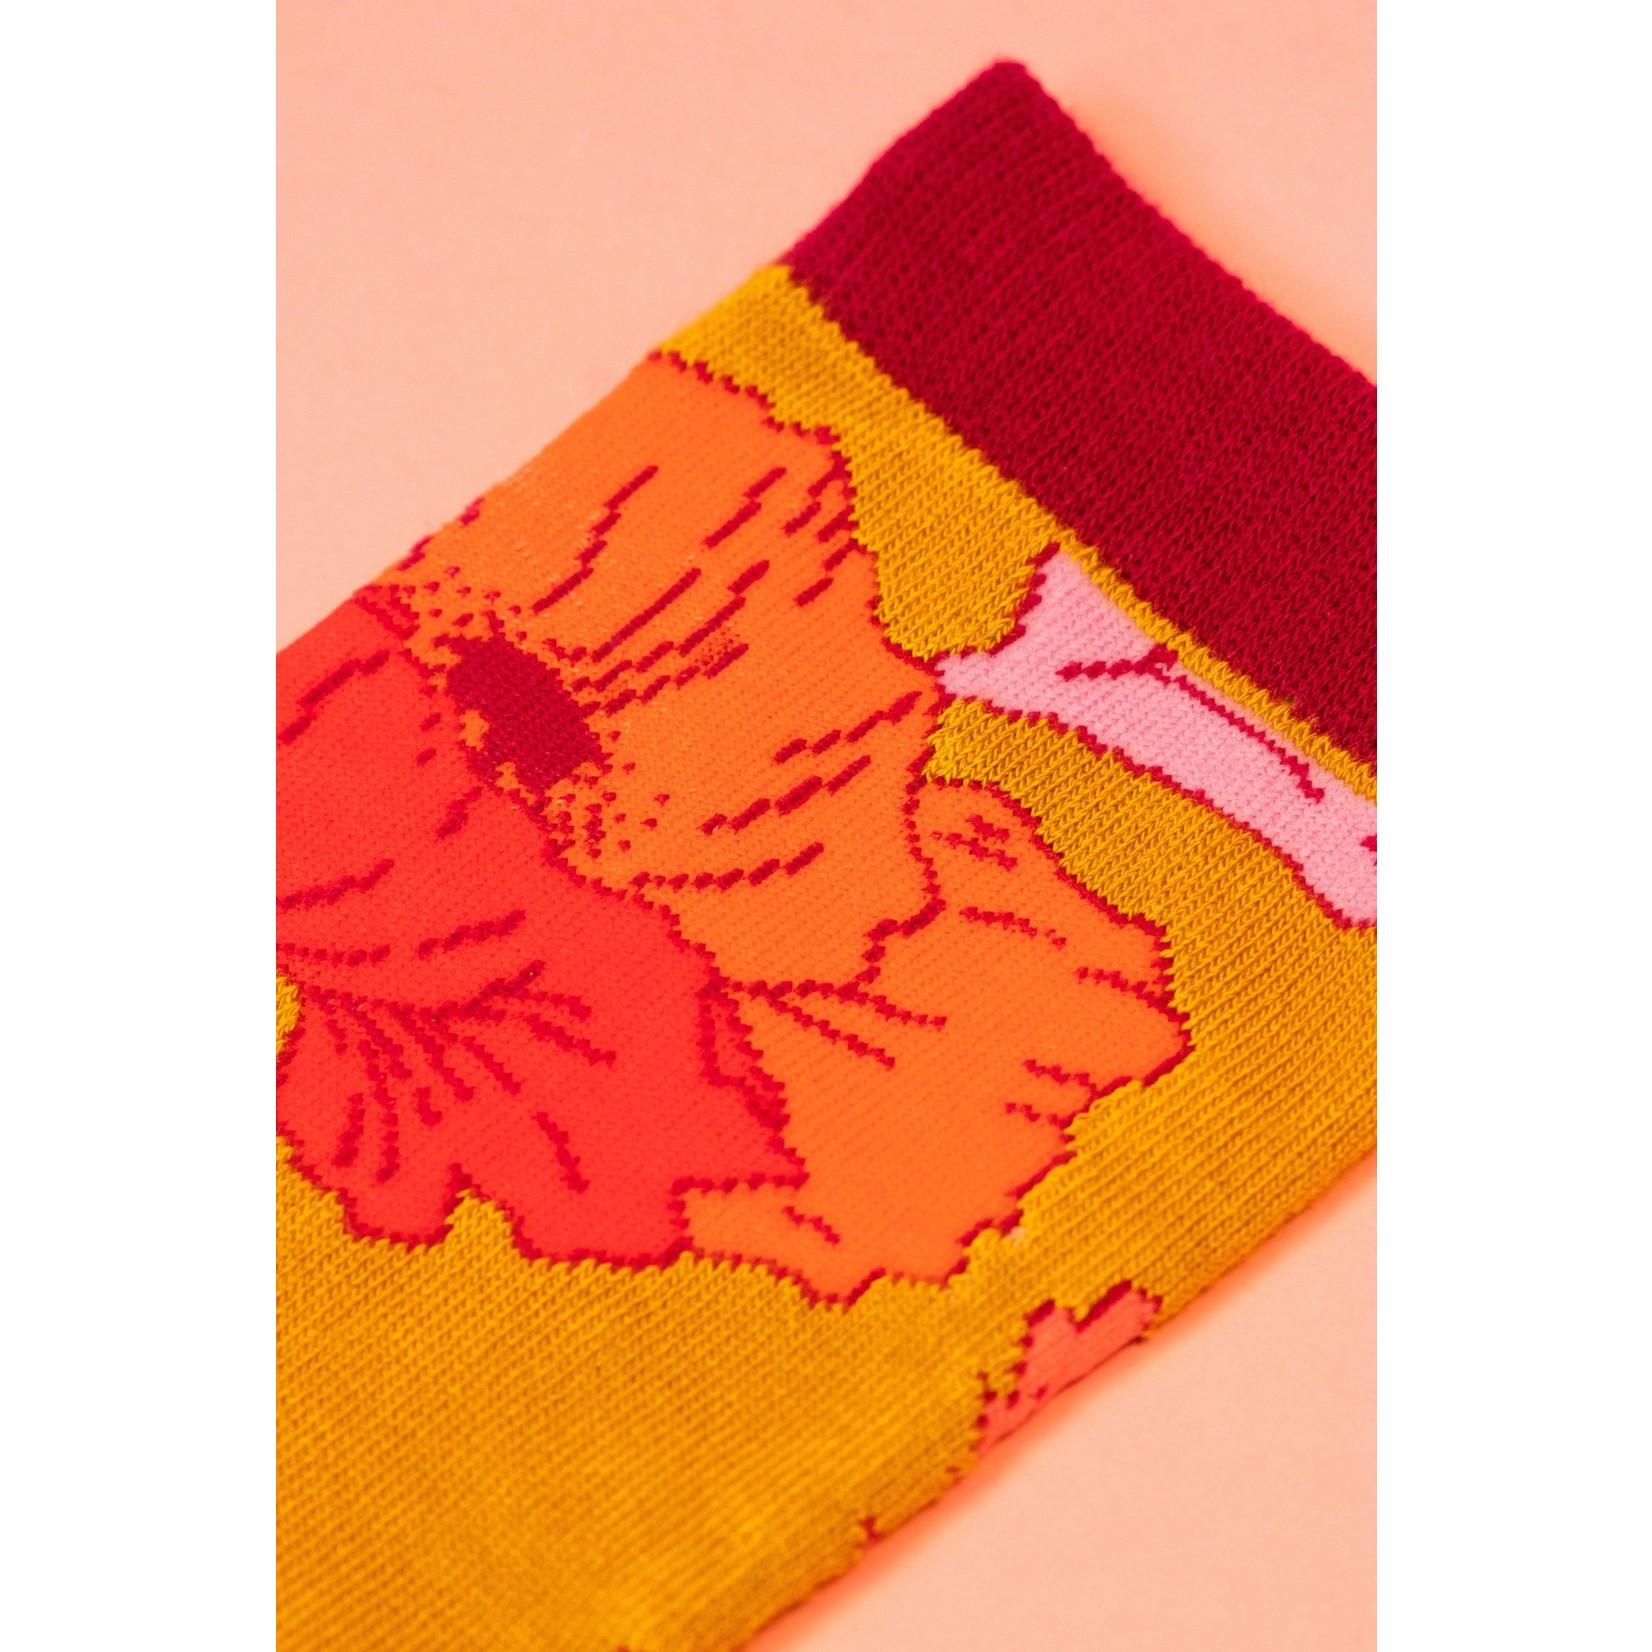 Powder Poppy Ankle Socks in Yellow